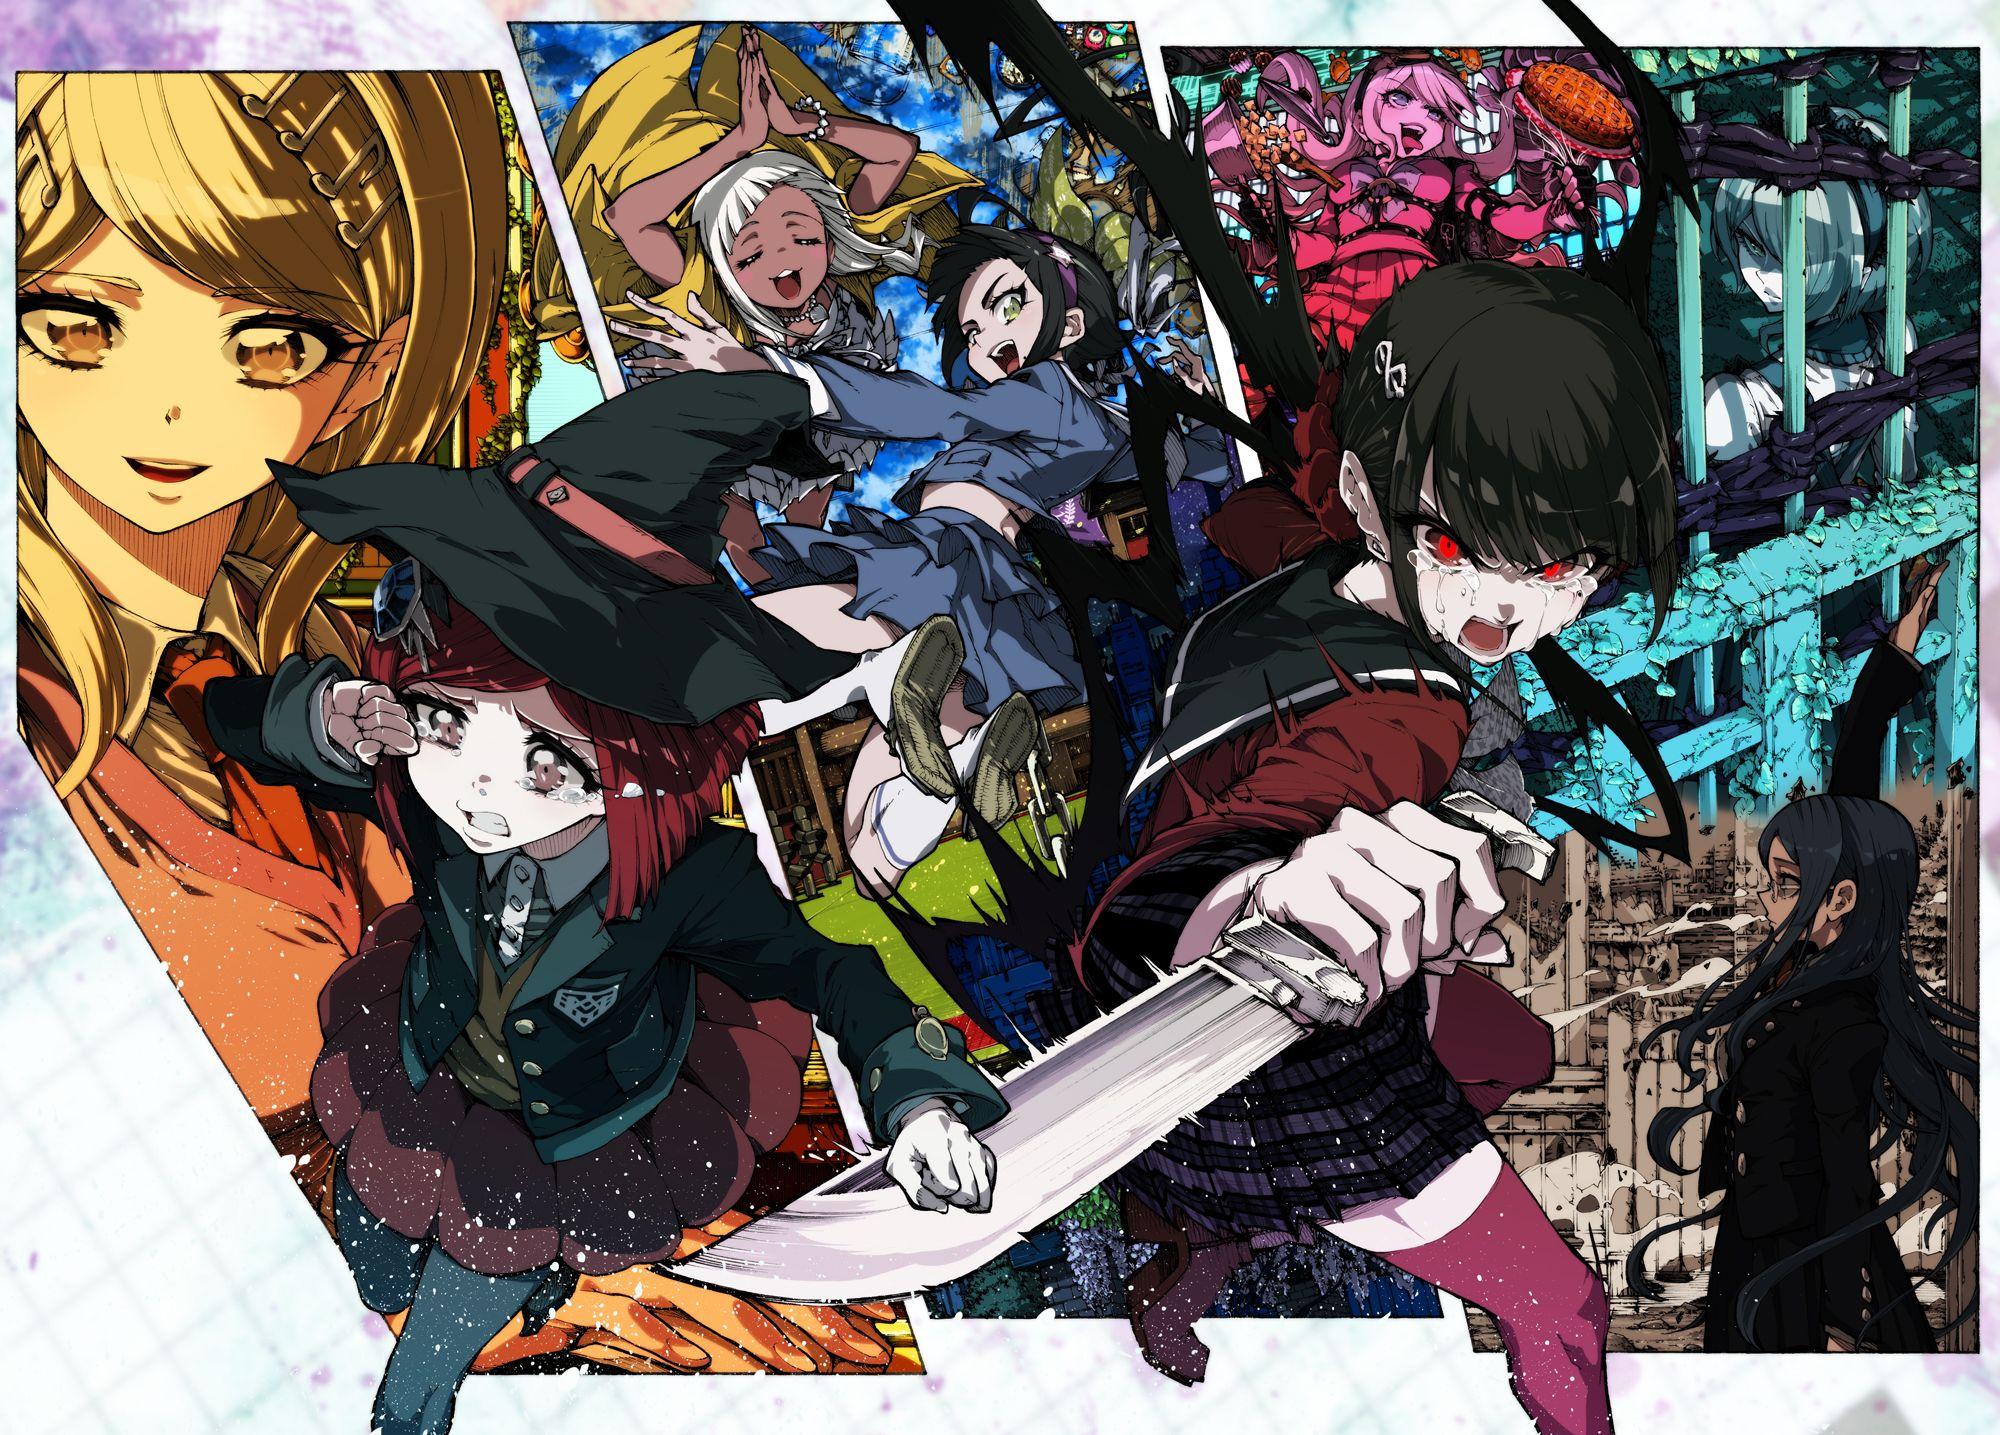 New DanganRonpa V3 Akamatsu Kaede Himiko Yumeno